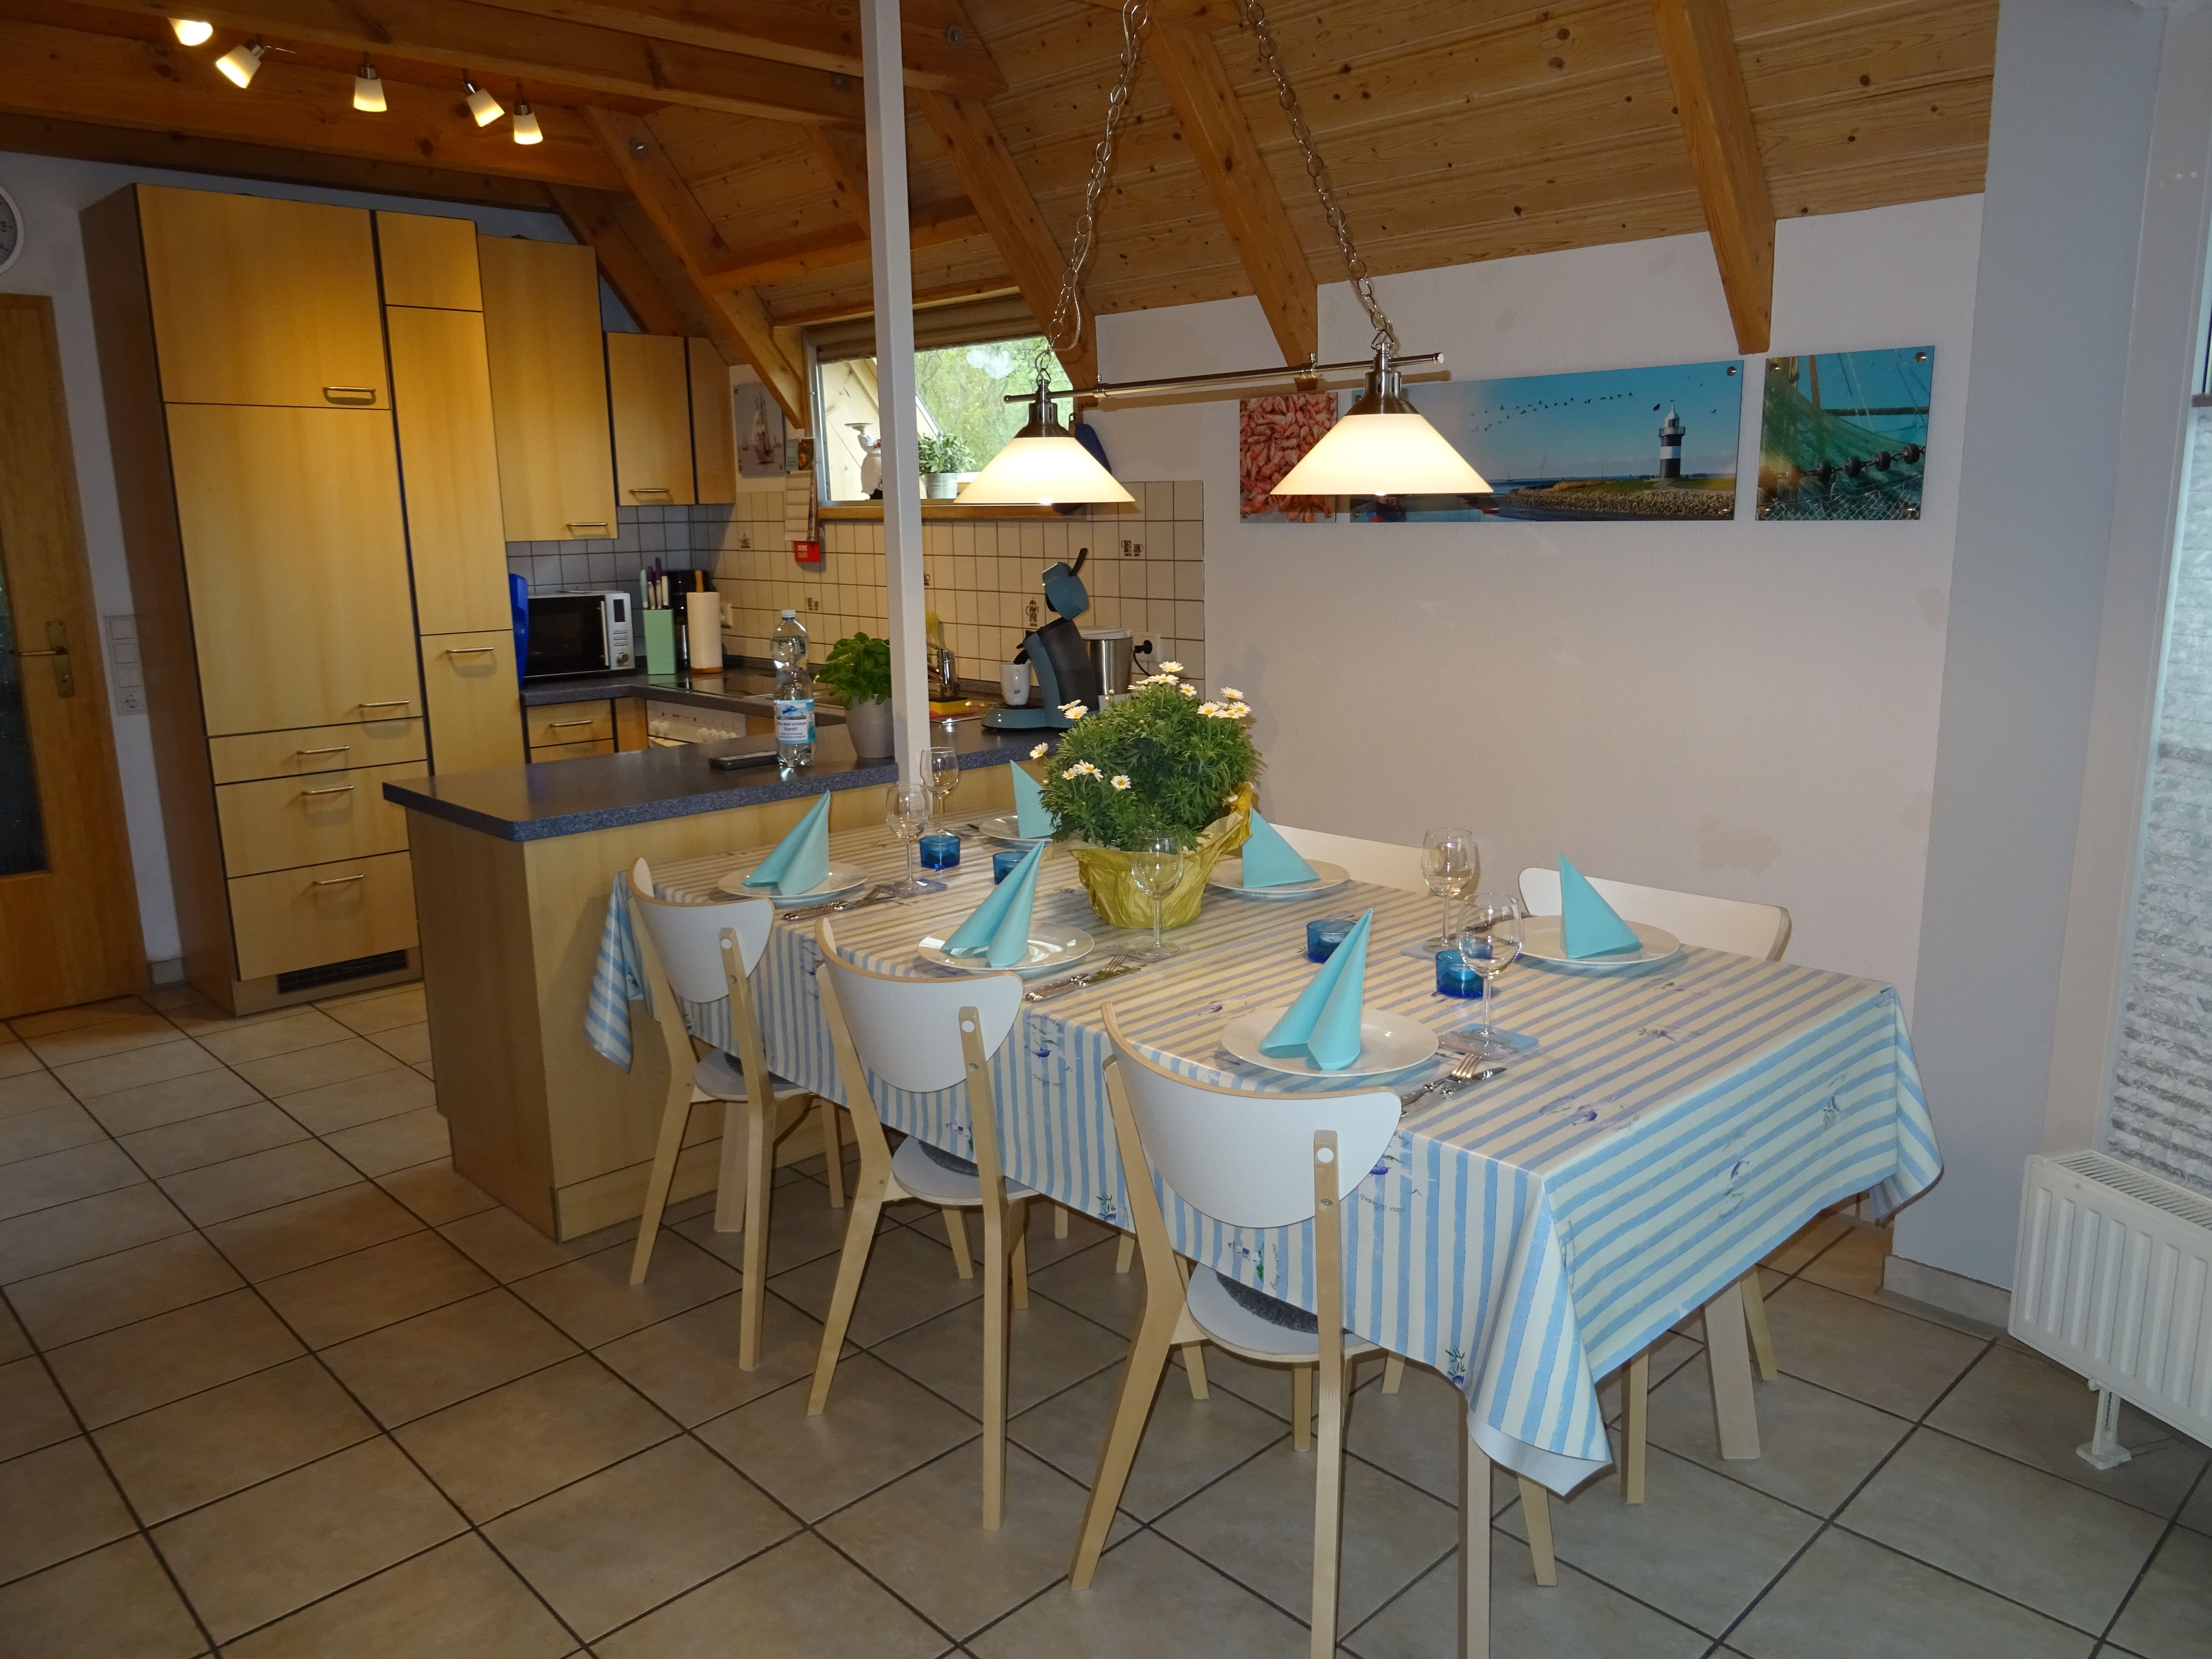 Küche mit abschließendem Essbereich